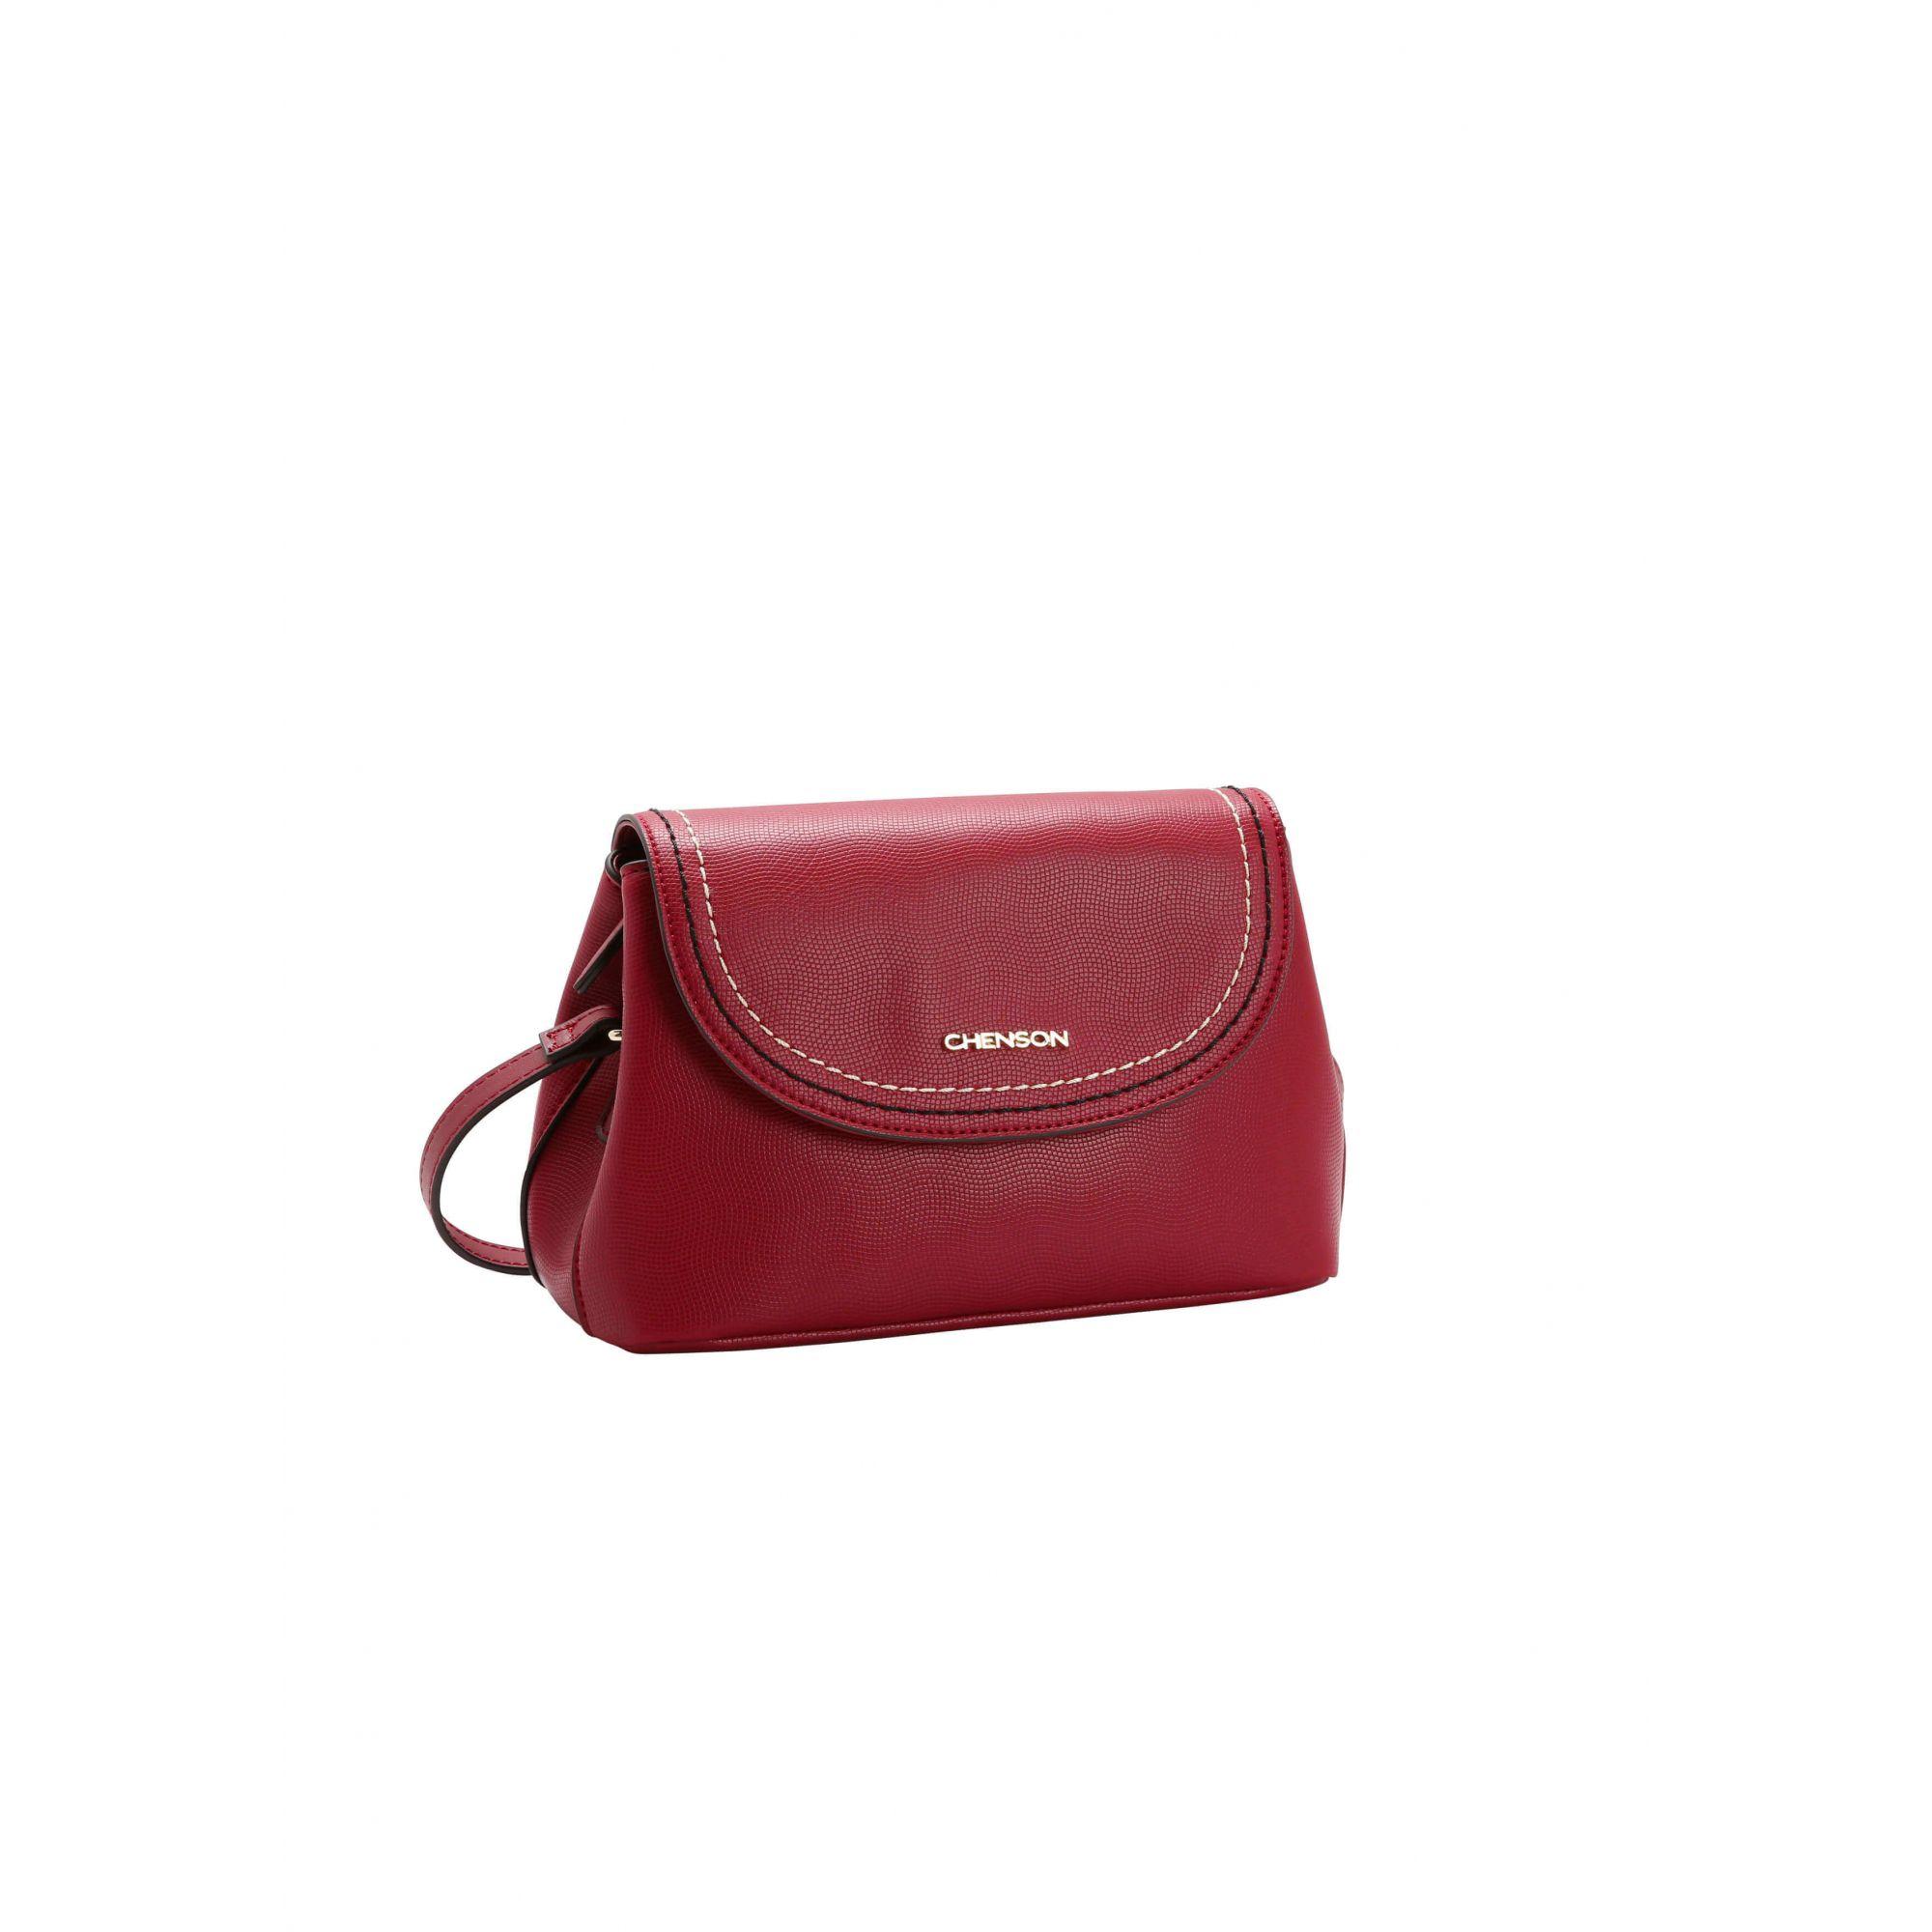 743ac8151 Bolsa Transversal Pequena Chenson Vermelha Original Tip Bau - Le Bazar ...